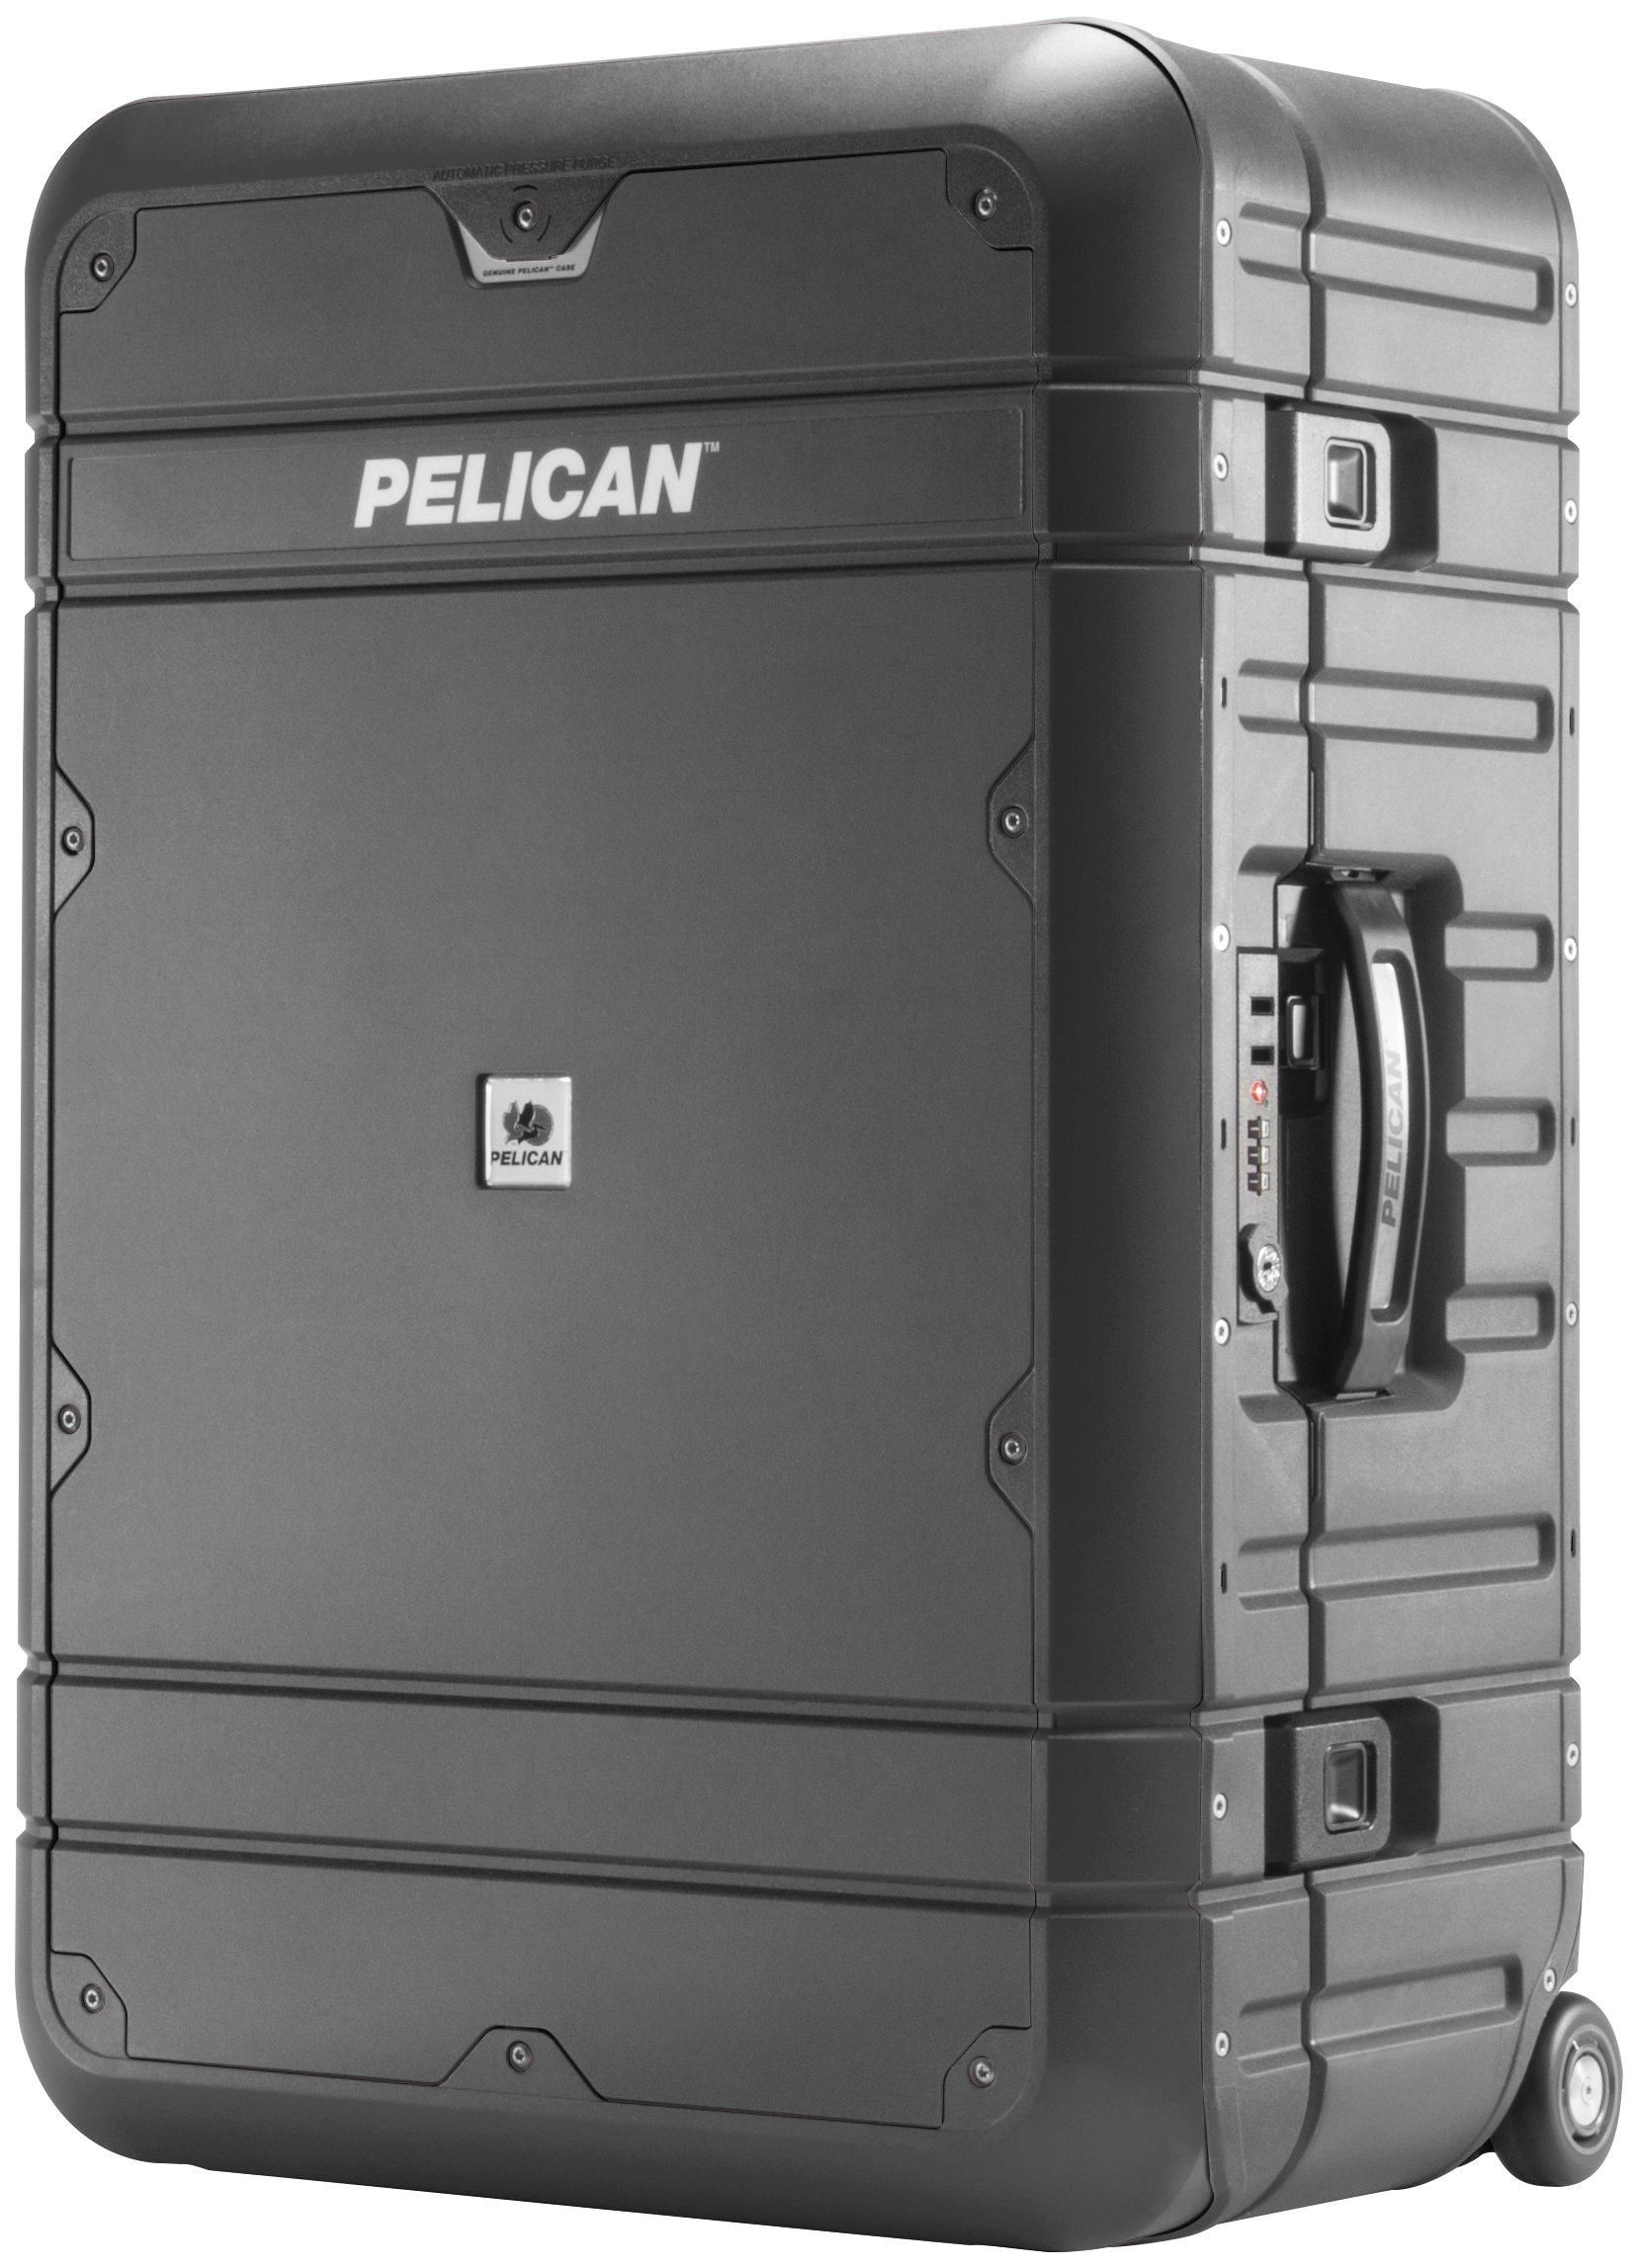 Pelican Elite Luggage   Weekender (BA27-27 inch) - Grey/Black